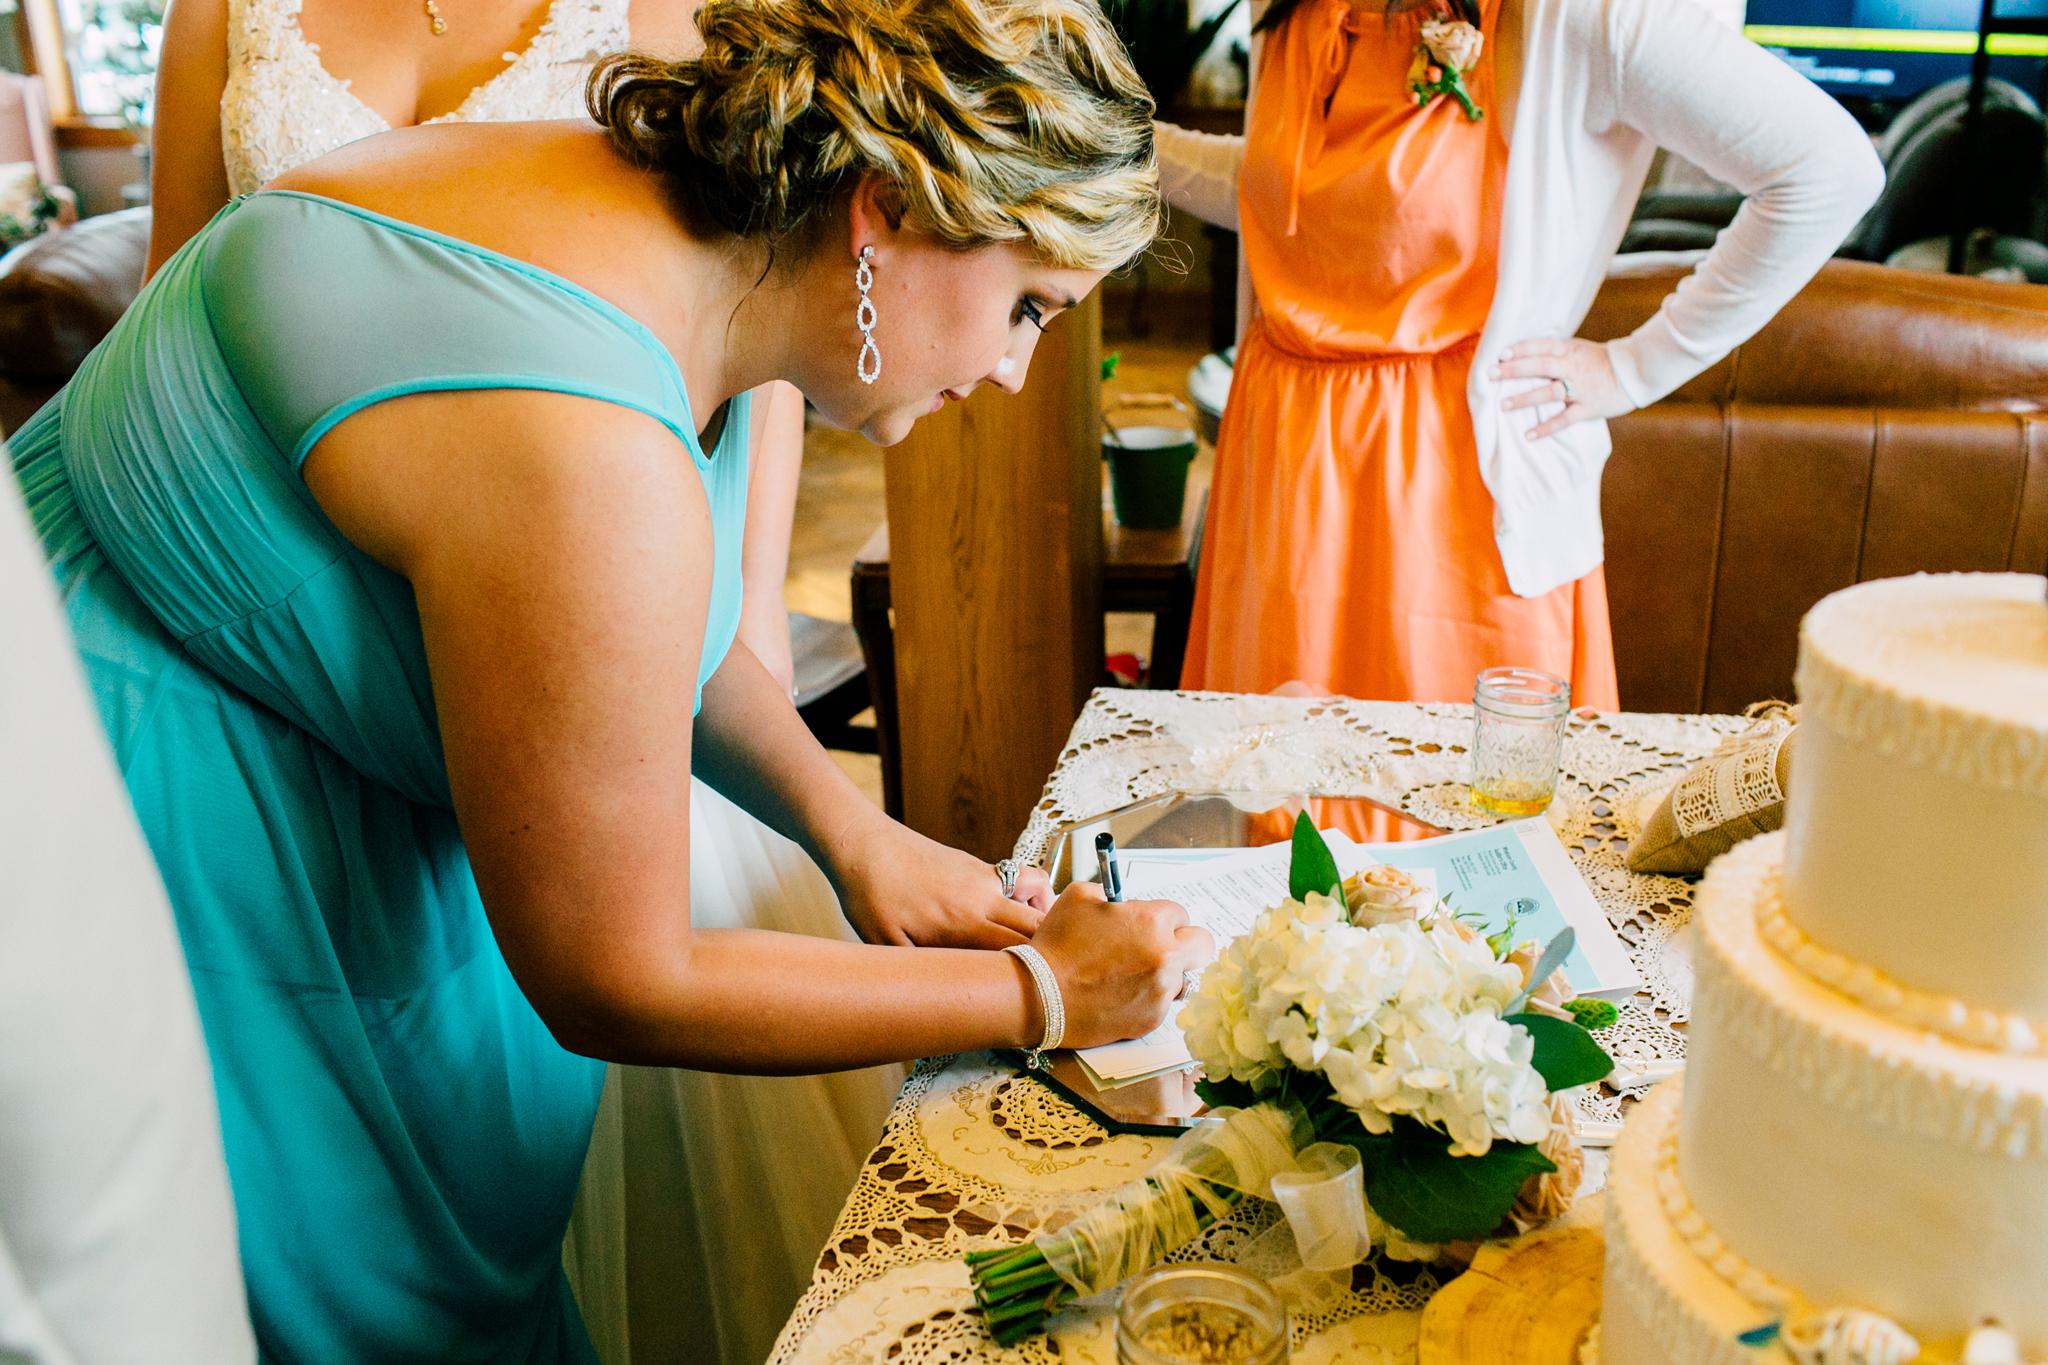 067-bellingham-wedding-photographer-beach-katheryn-moran-elisa-phillip.jpg